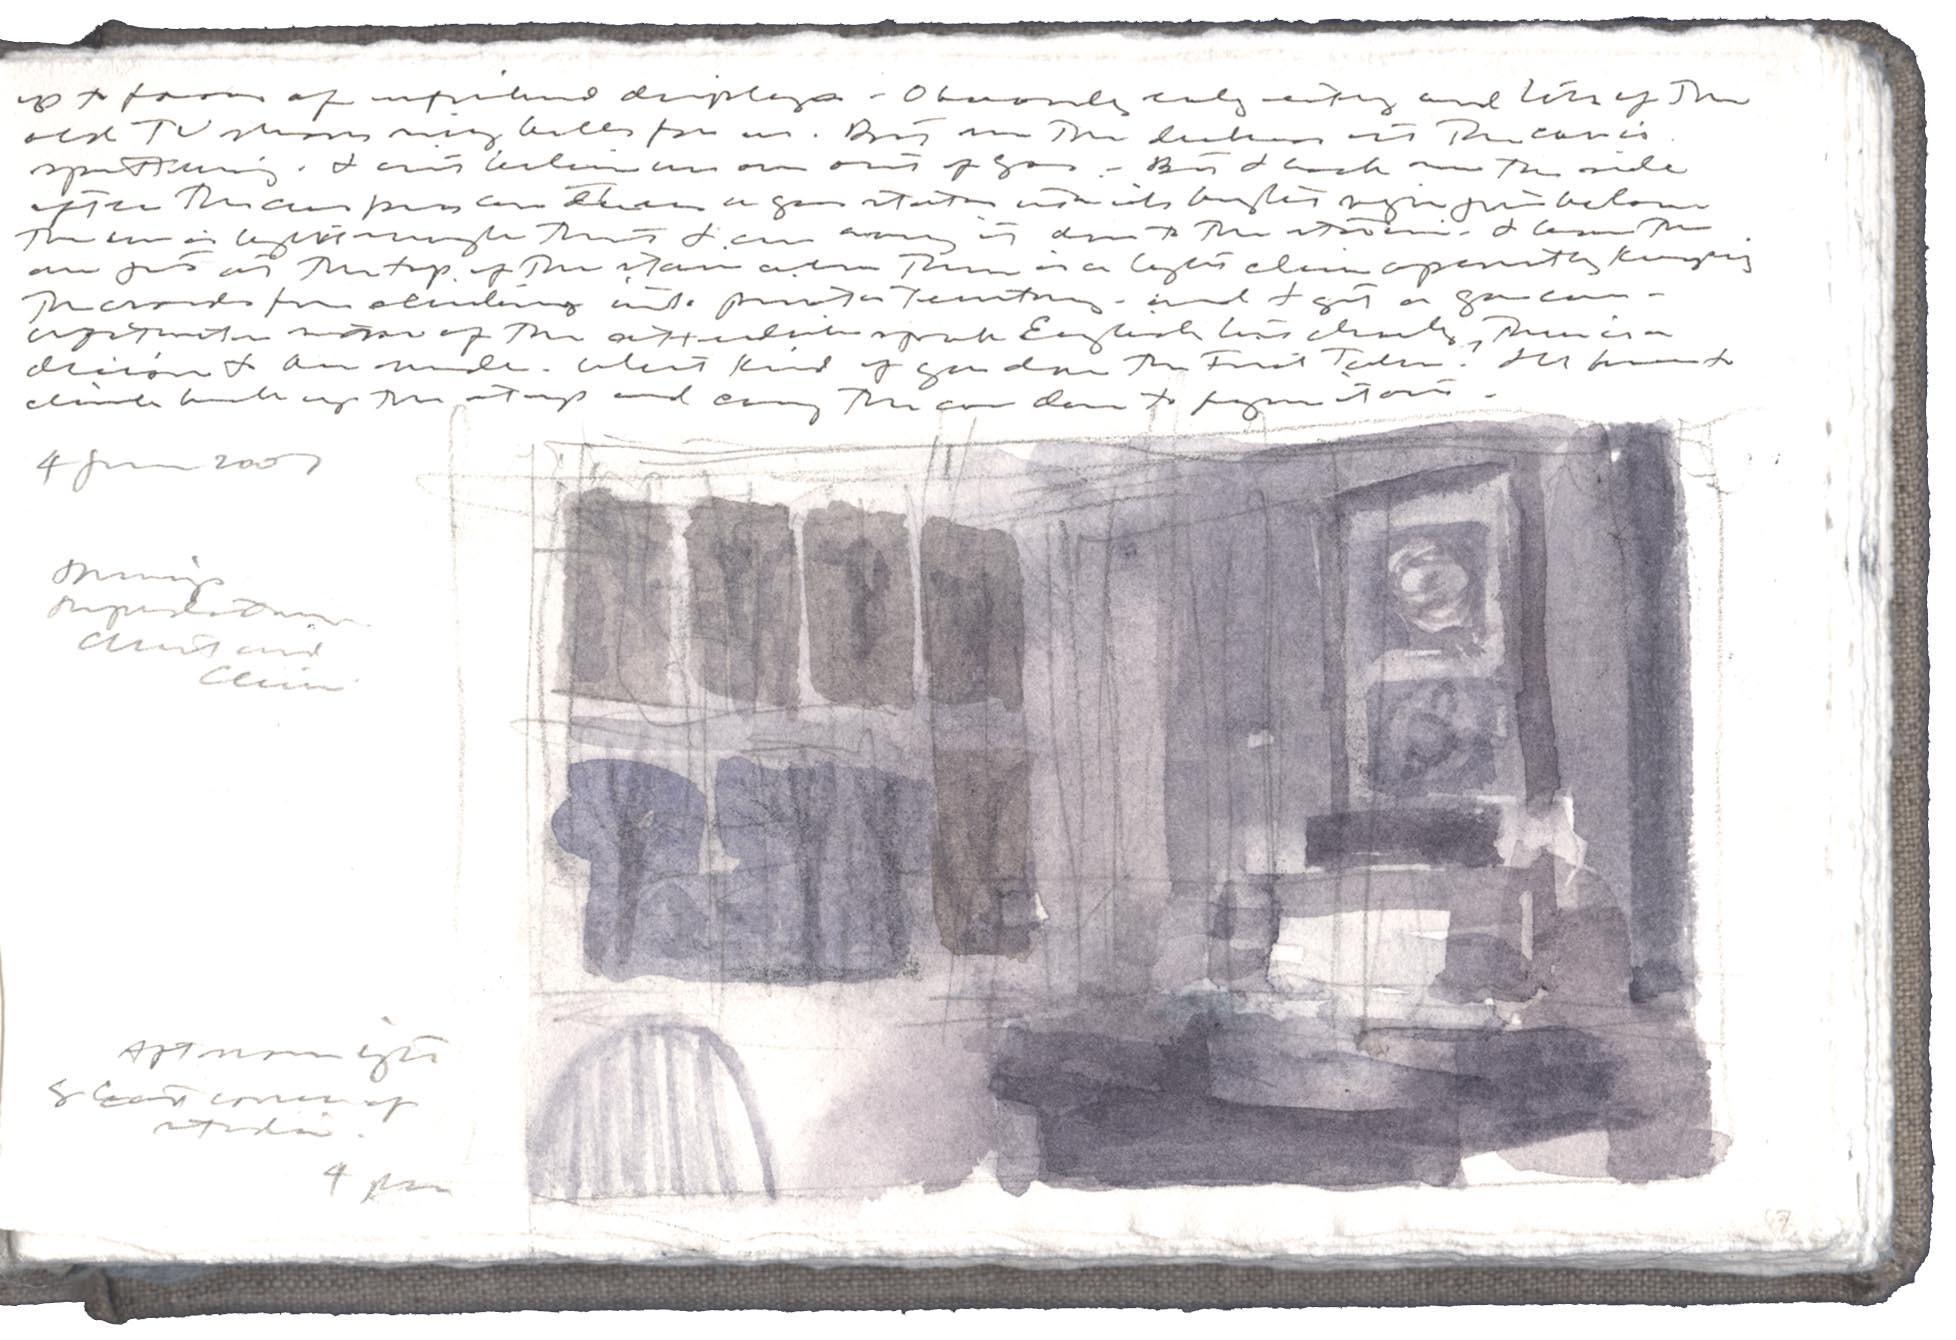 Study of Studio Corner image